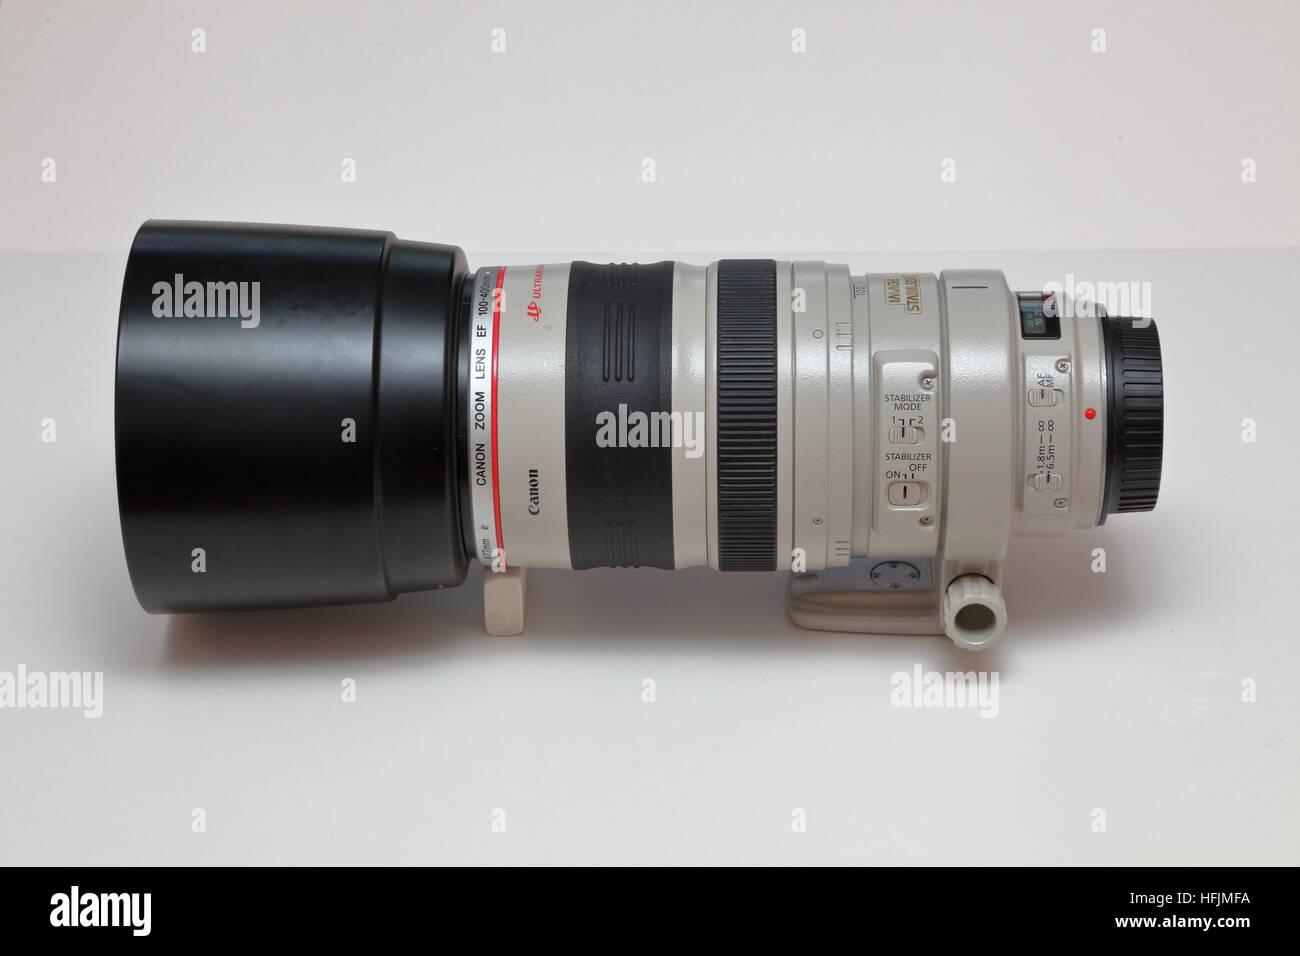 35 Mm Frame Imágenes De Stock & 35 Mm Frame Fotos De Stock - Alamy